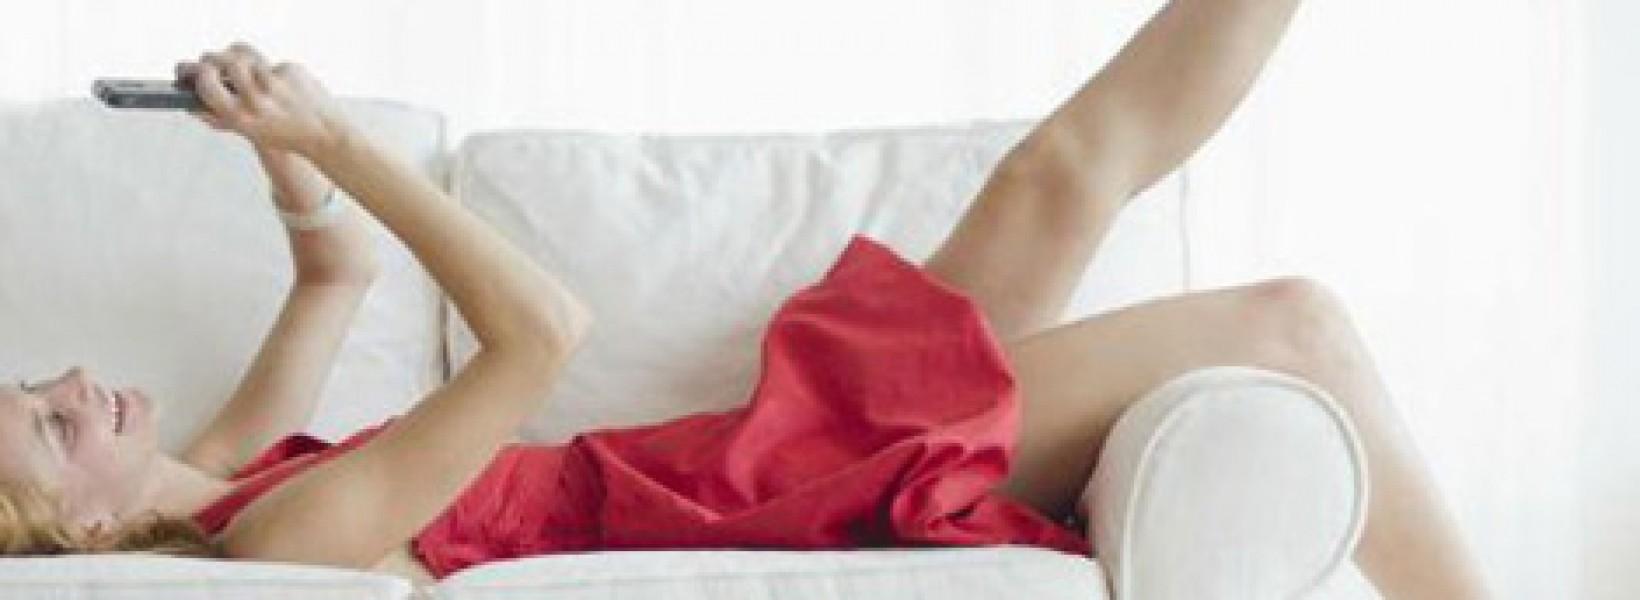 Apps móviles para controlar la menstruación